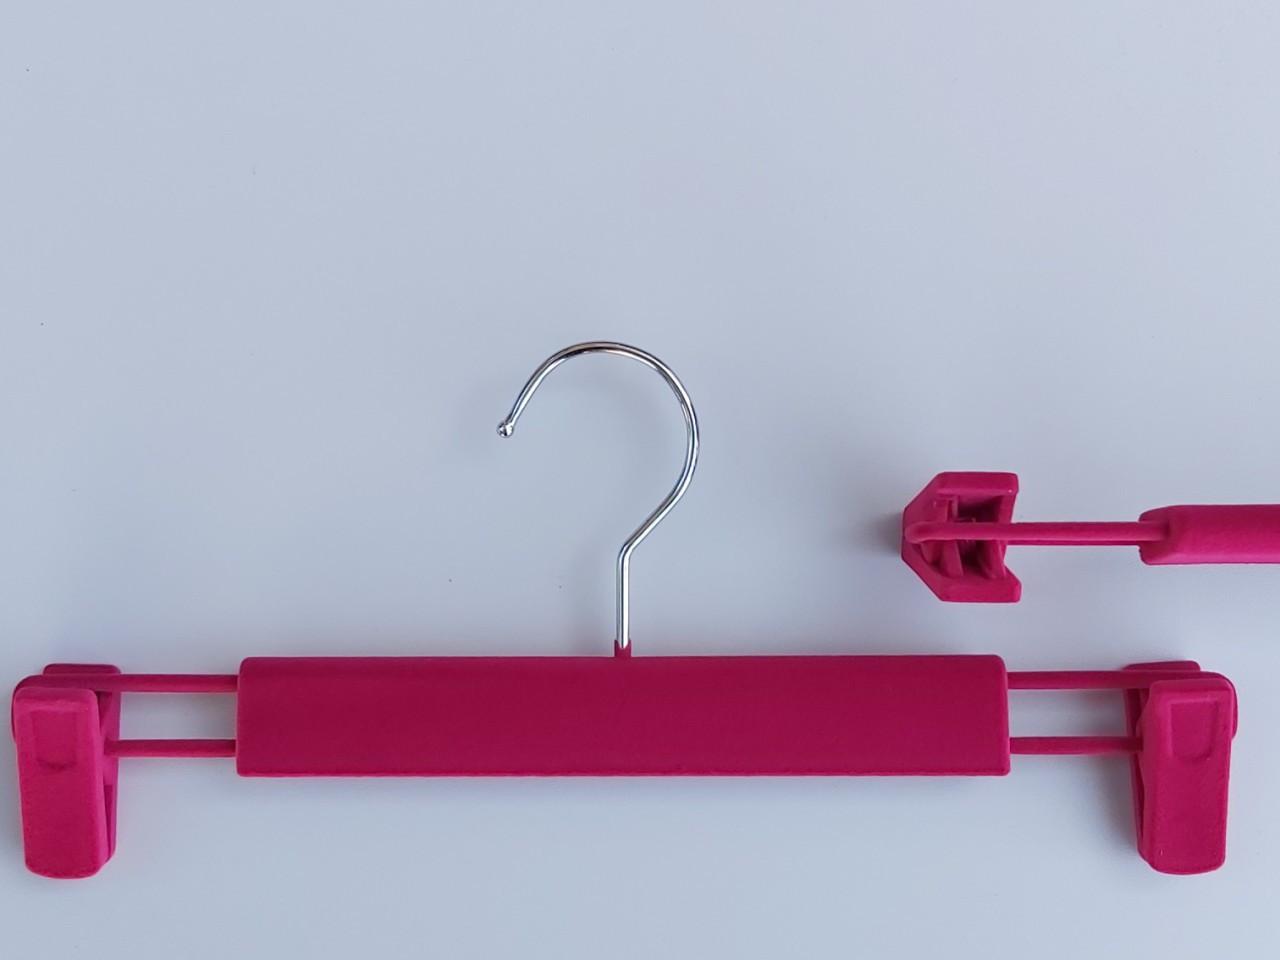 Довжина 33,5 см. Плічка для штанів і спідниць флоковані (оксамитові) малинового кольору